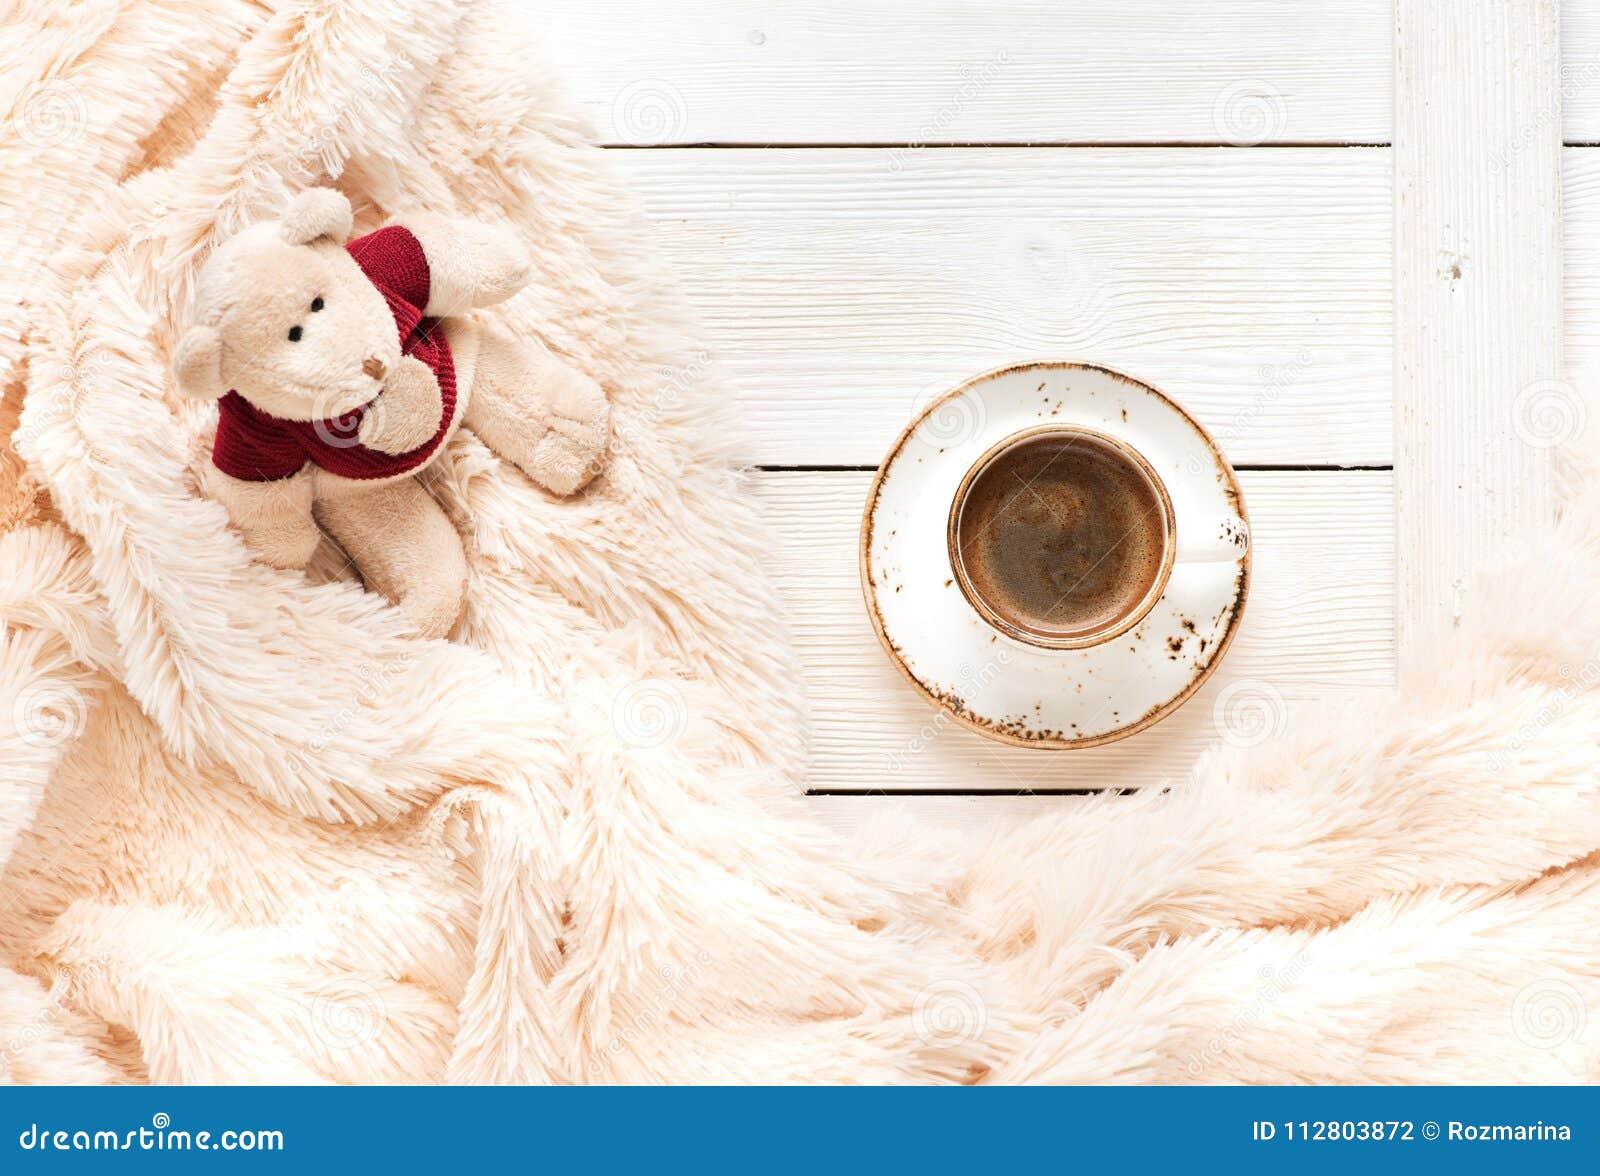 Mały trykotowy dziecko zabawki niedźwiedź siedzi na ciepłej koc i filiżance kawy